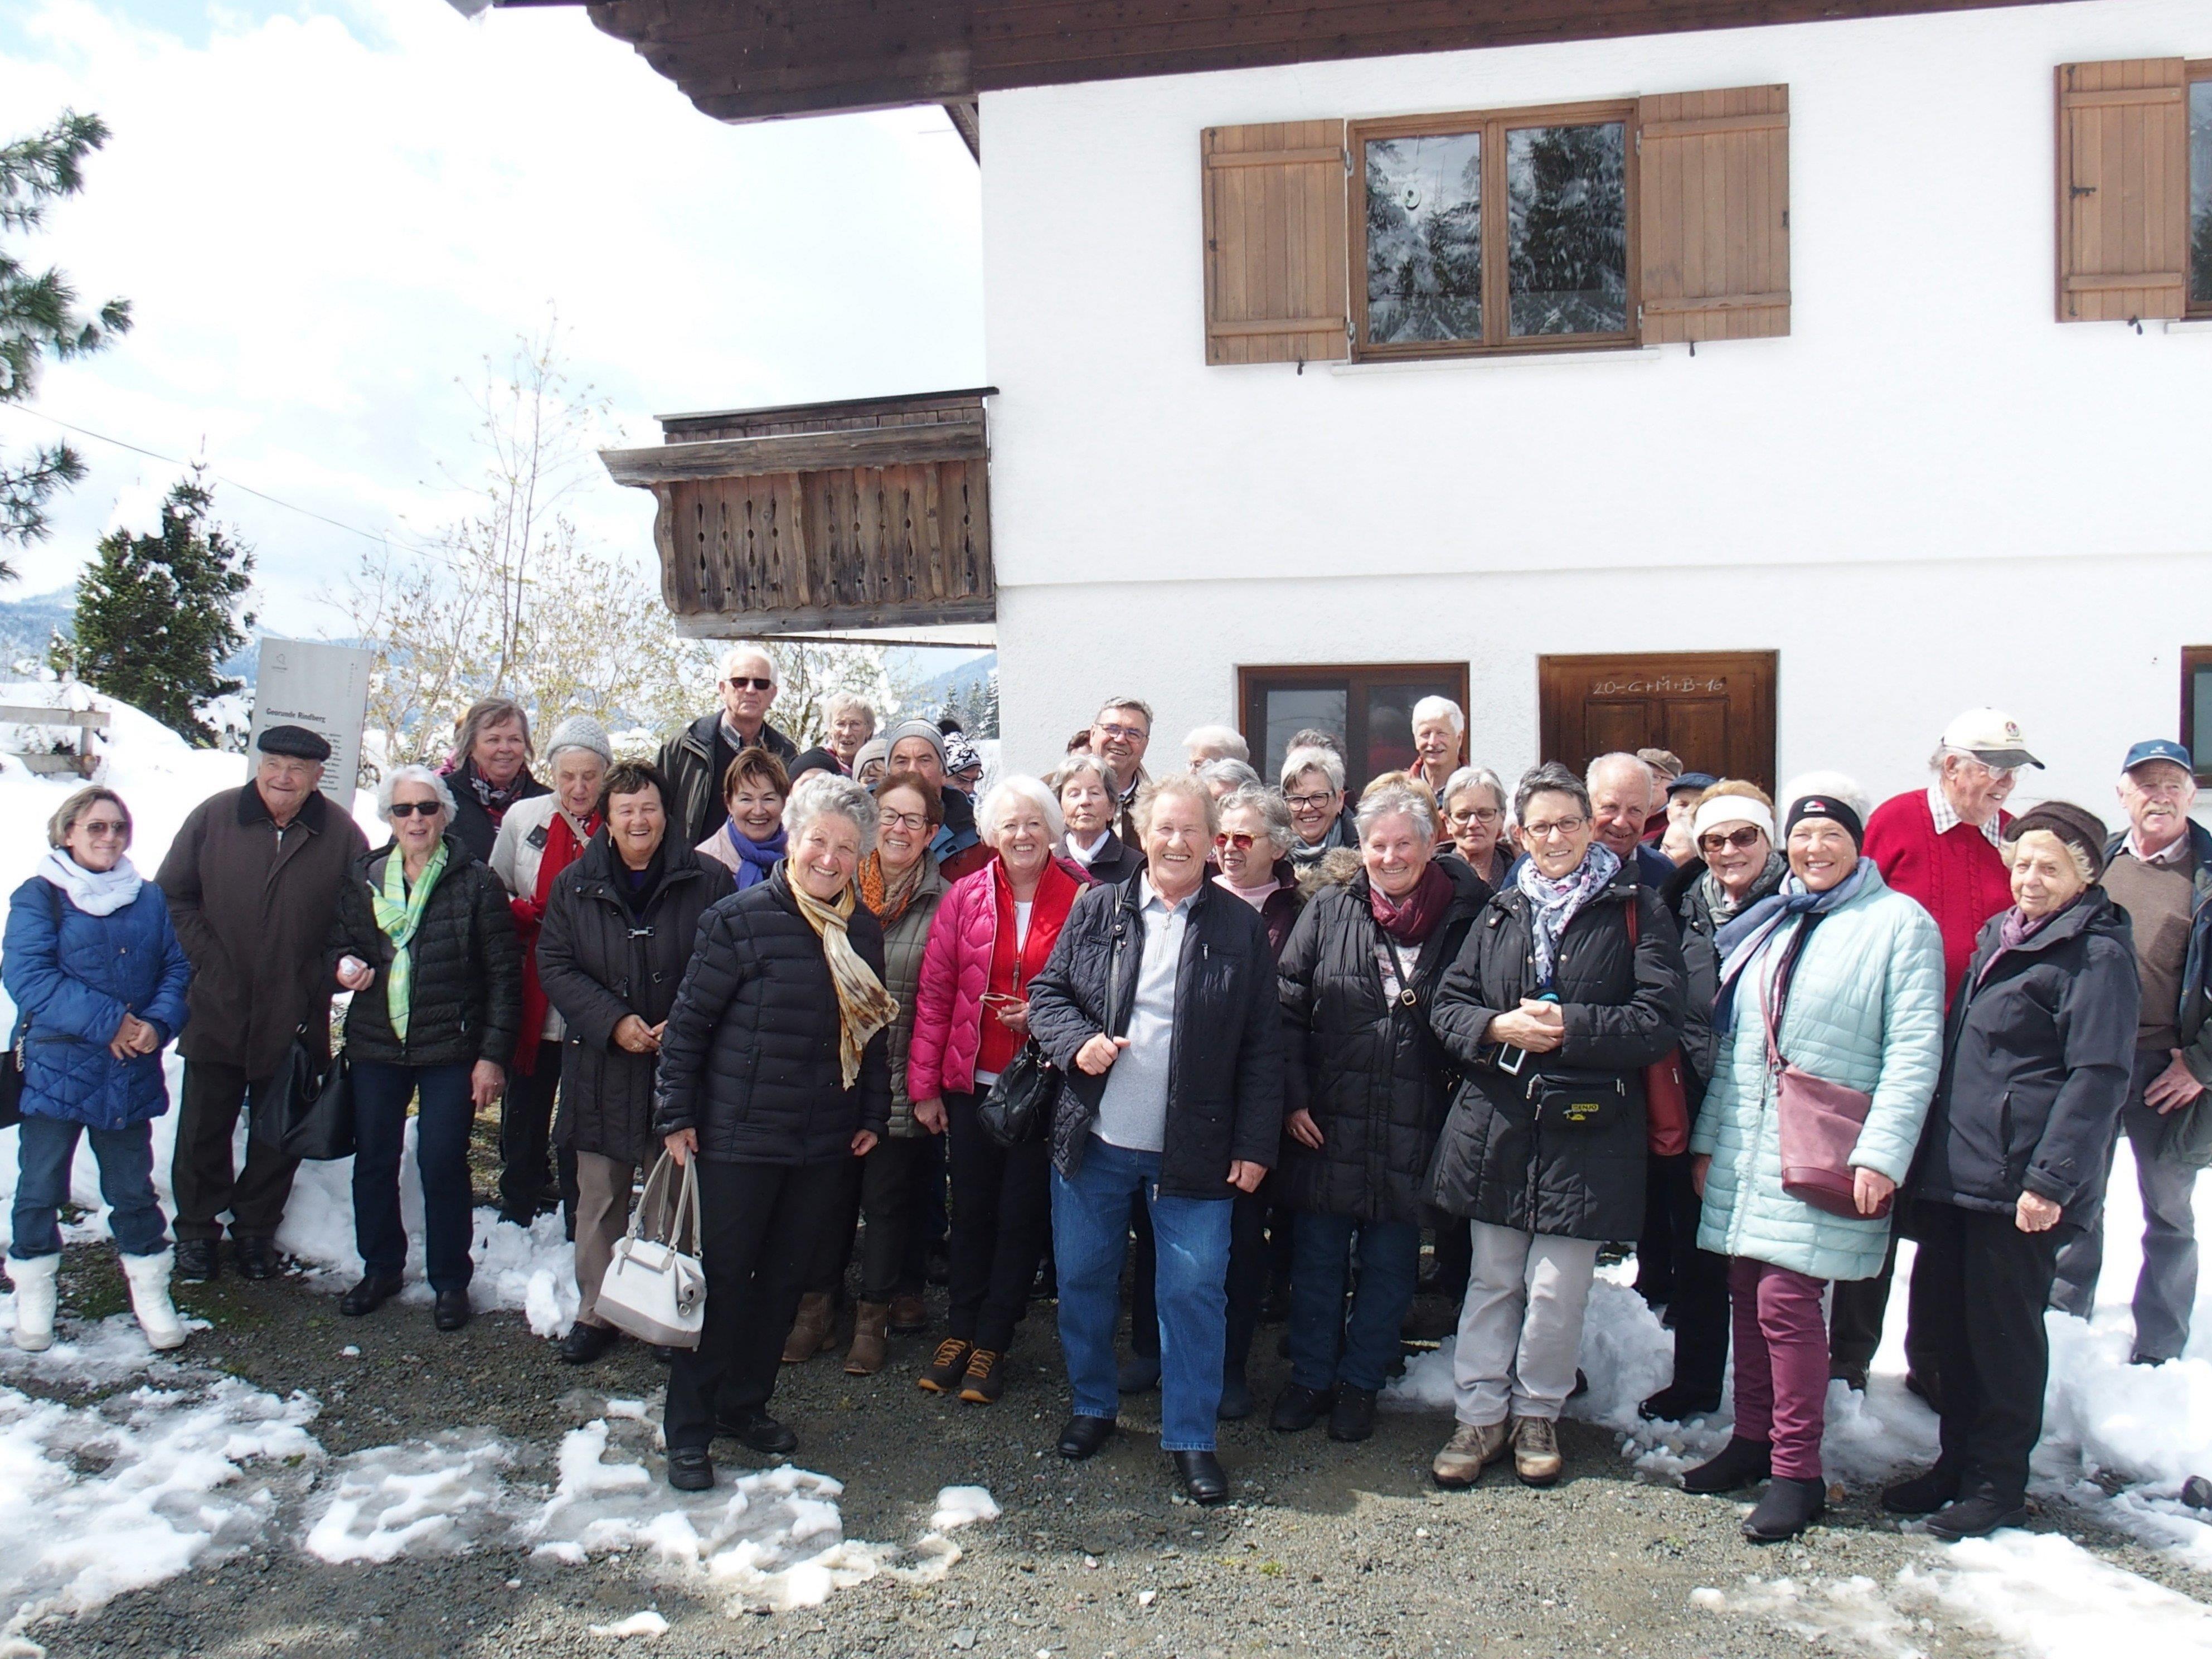 Ausflug Seniorenbund Sulz-Röthis zum Felberhaus in Sibratsgfäll